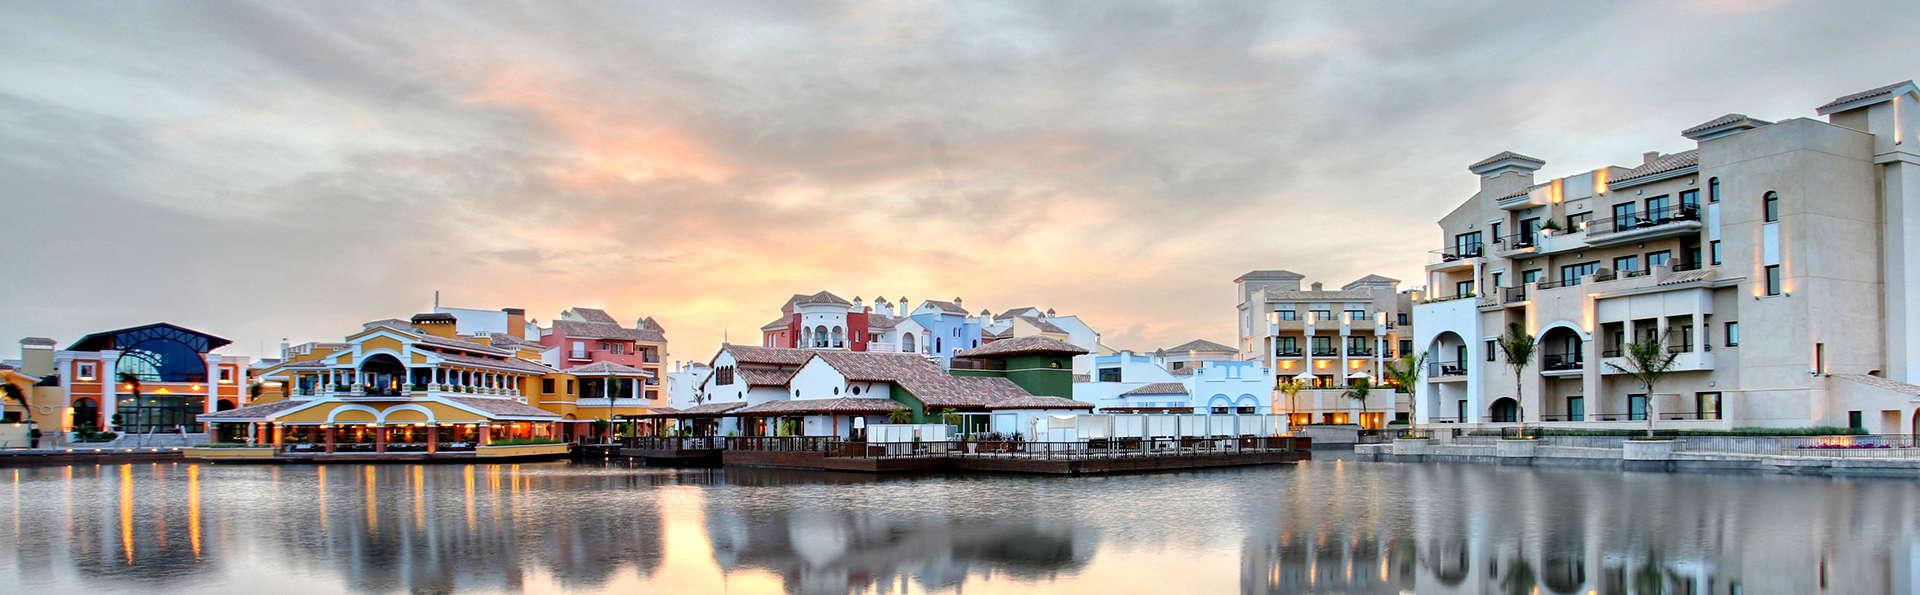 Escápate a este tranquilo resort con desayuno incluido en Torrepacheco, en el mar menor